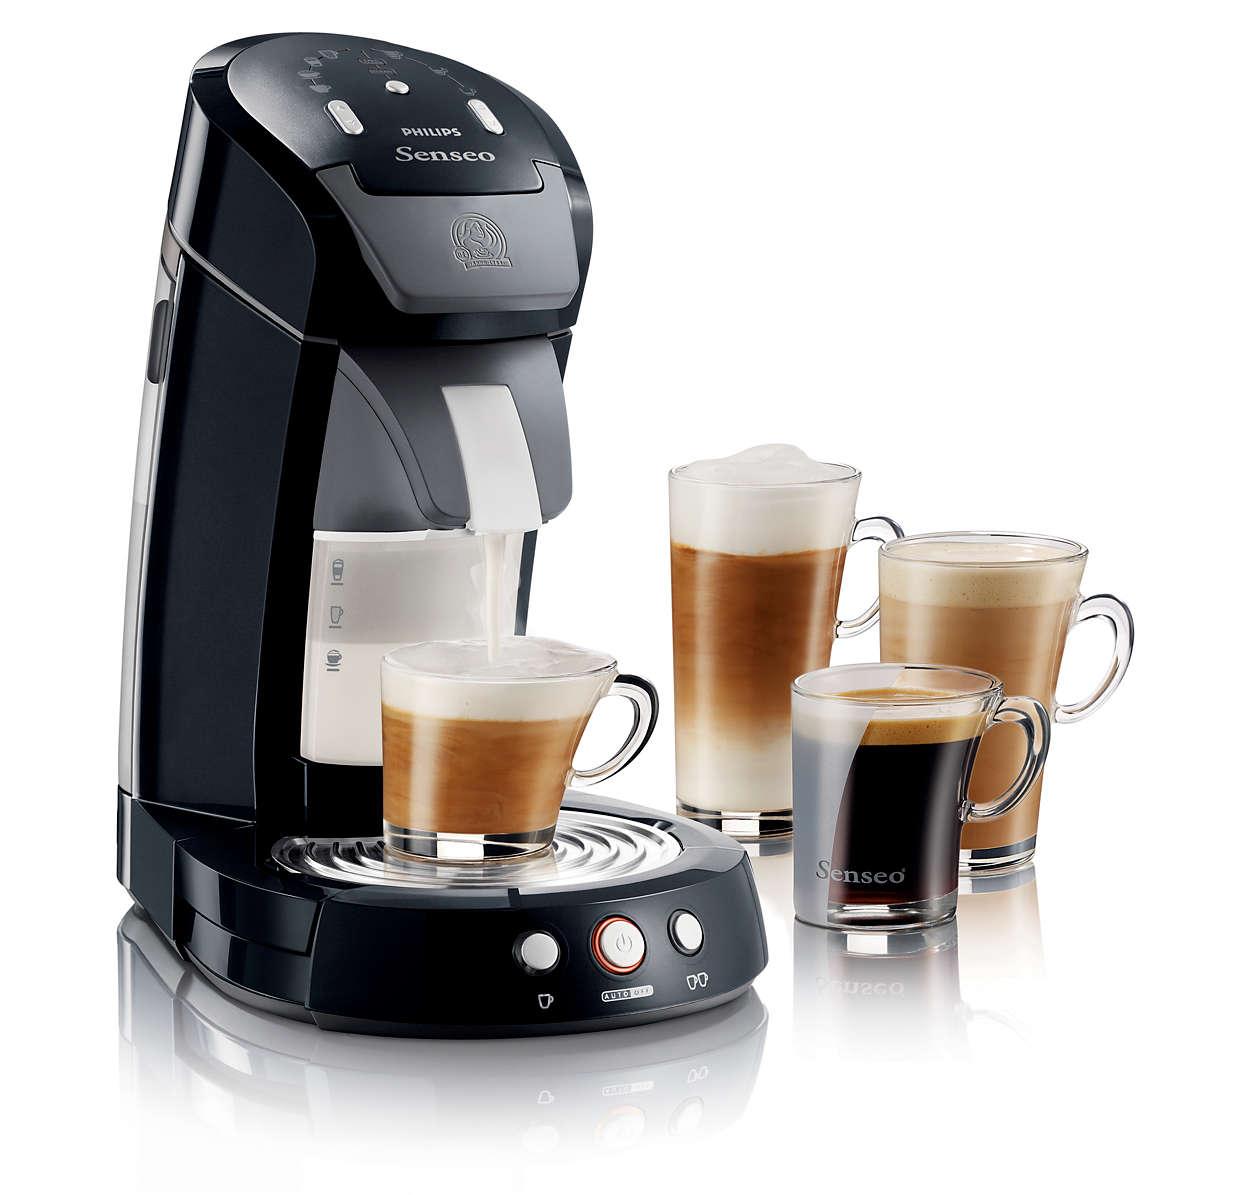 Geniet van uw favoriete koffiespecialiteiten